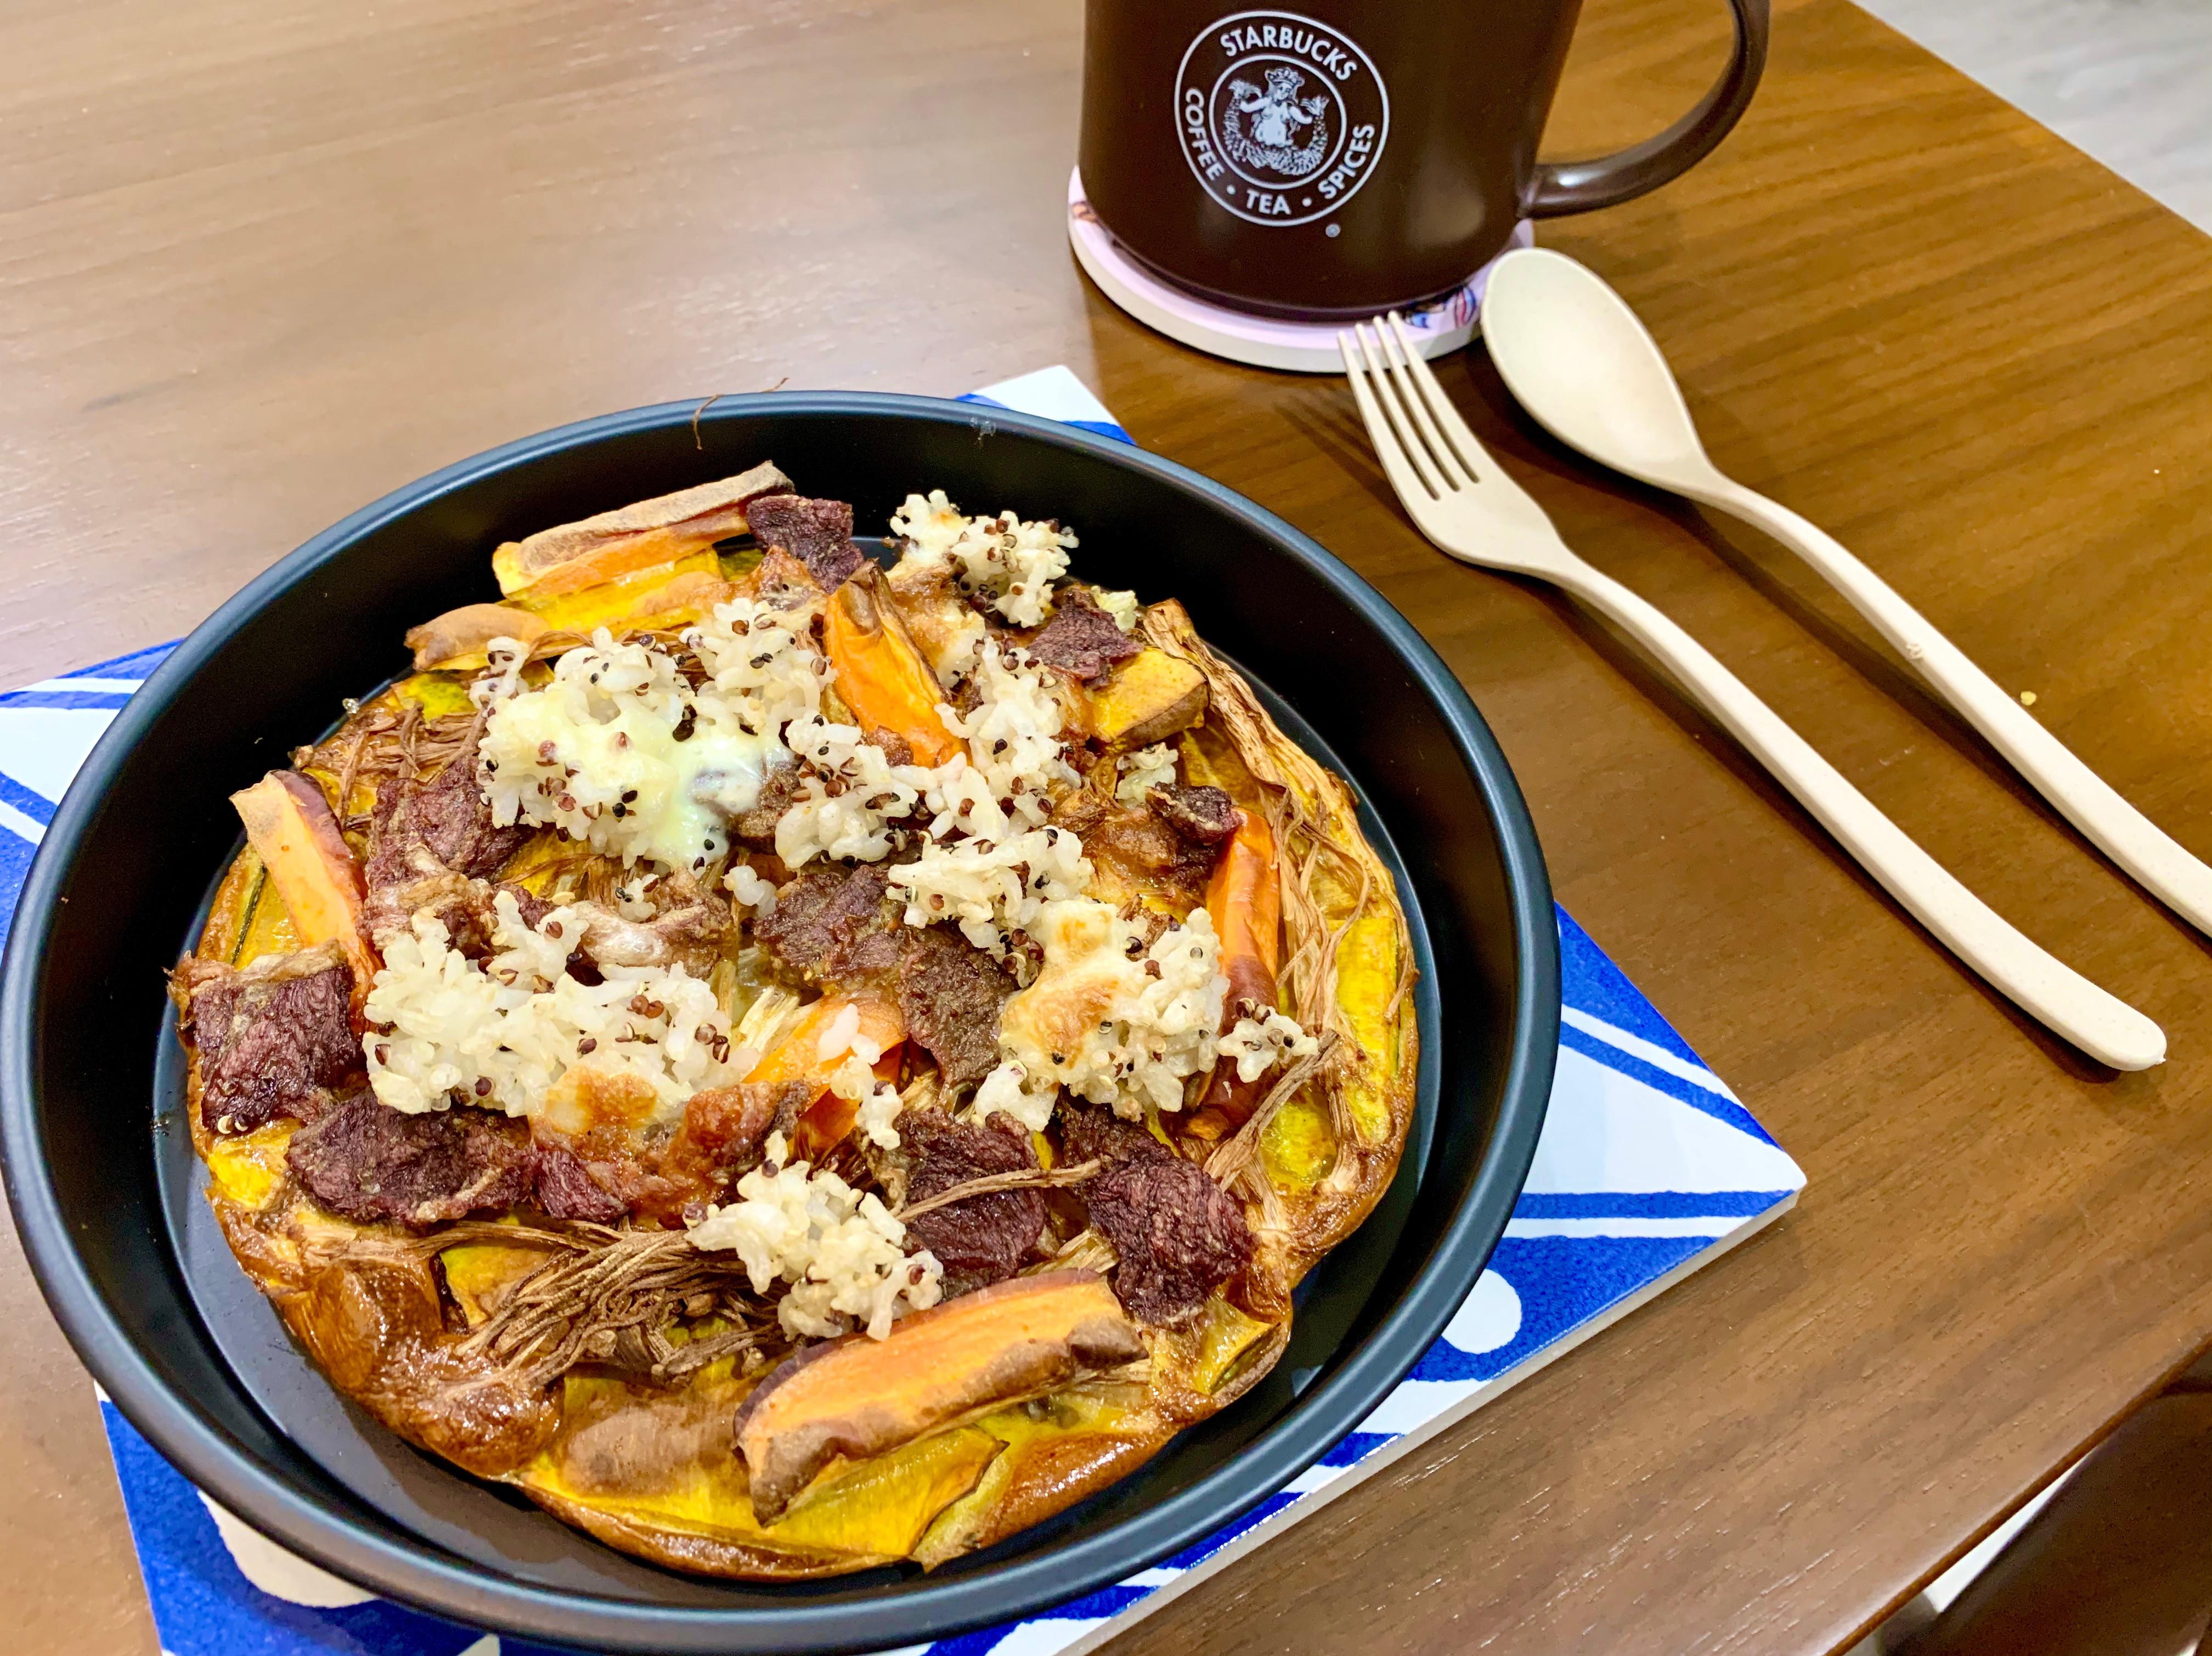 氣炸鍋-南瓜牛肉蔬菜焗飯